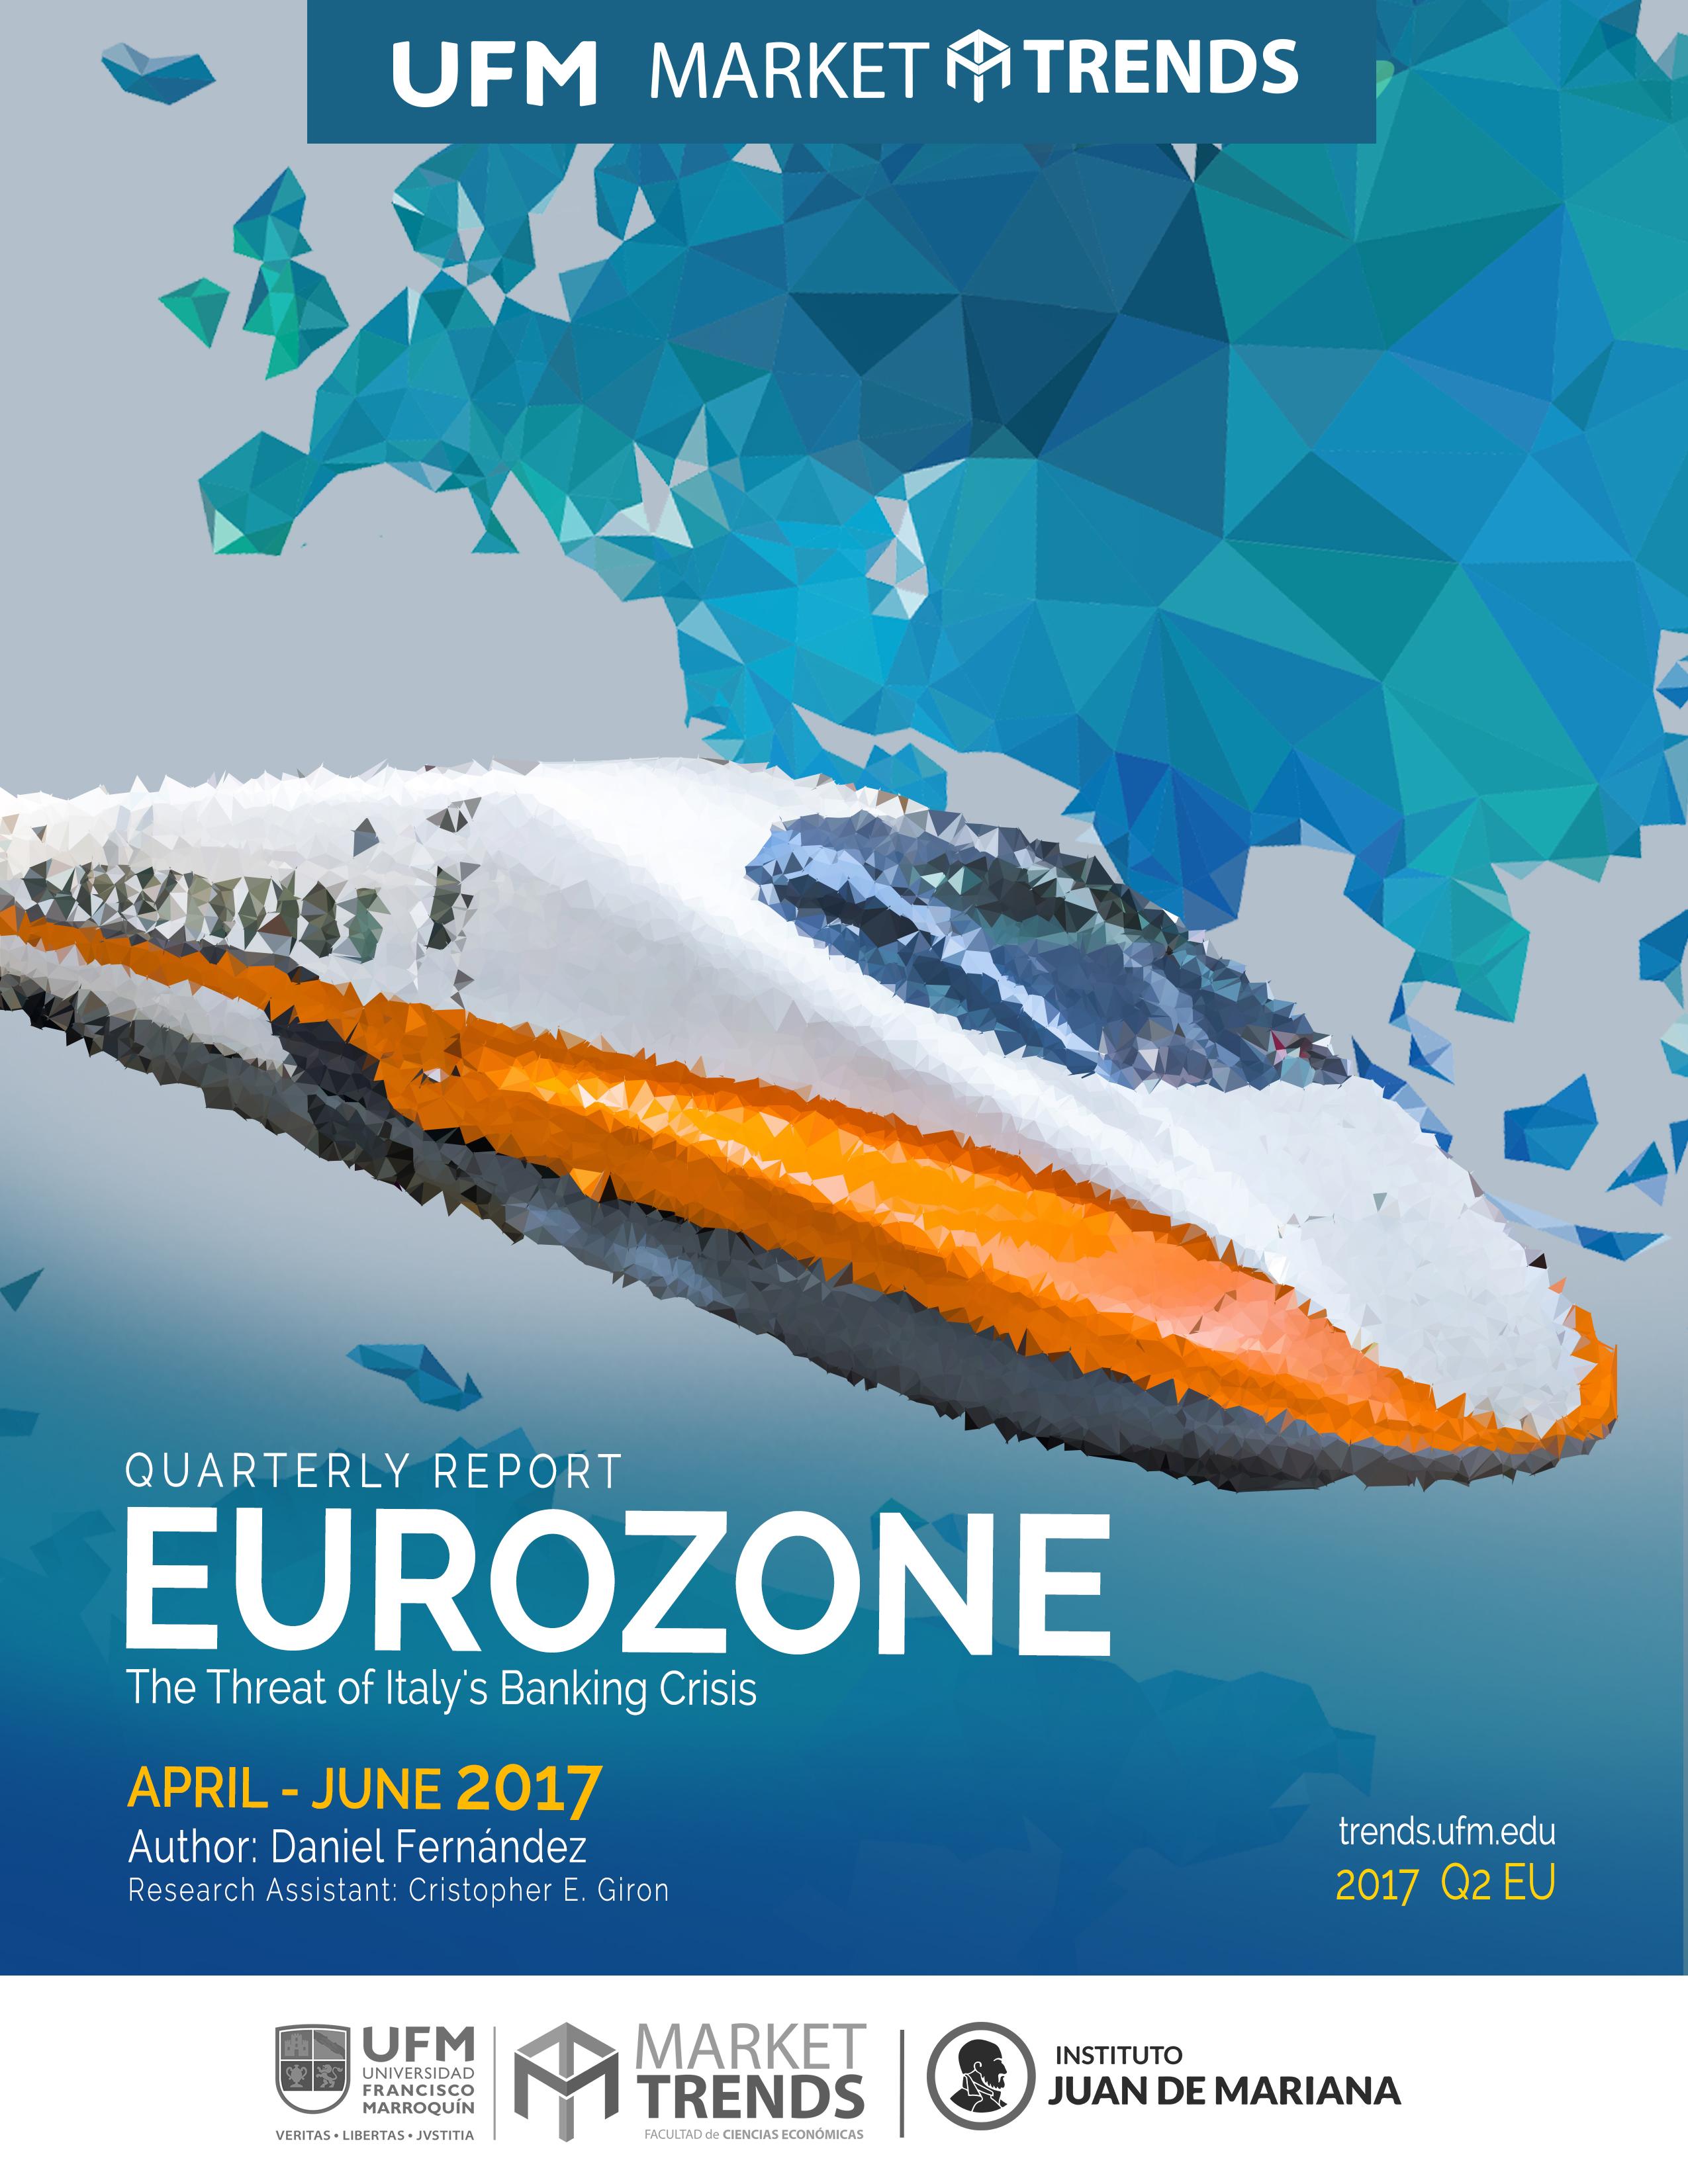 Eurozone_8